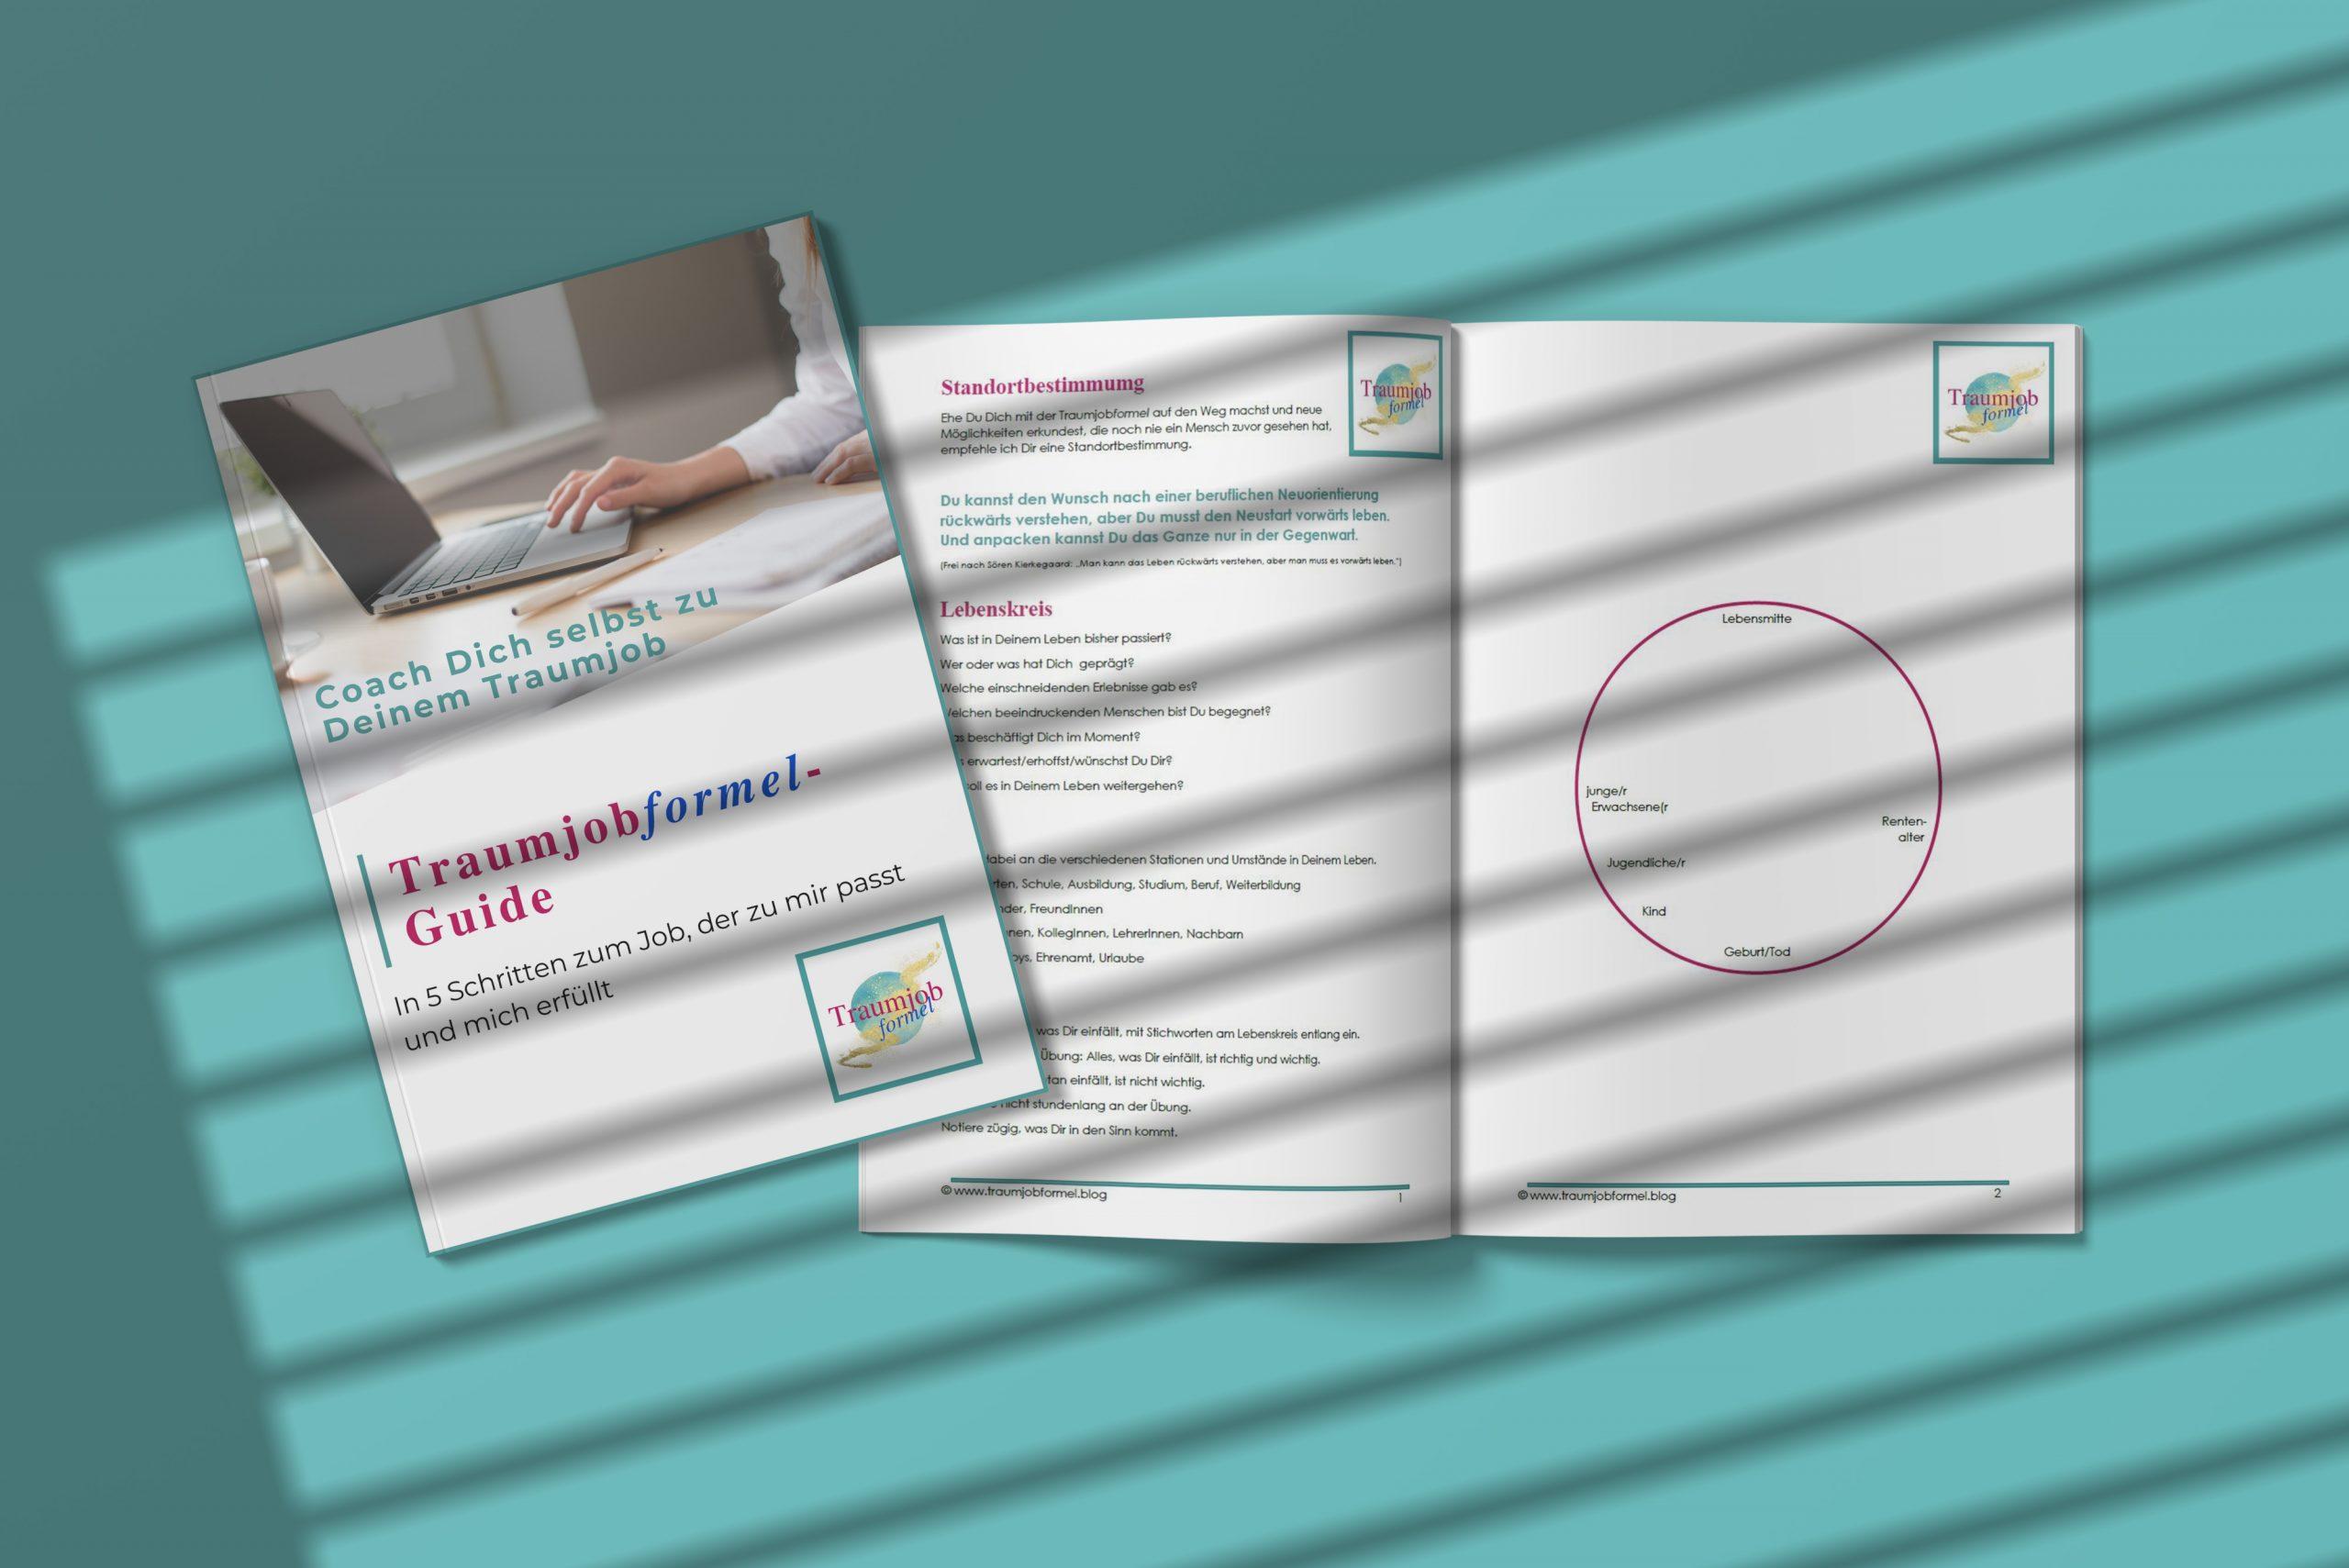 berufliche Neuorientierung kostenloser E-Mail-Kurs